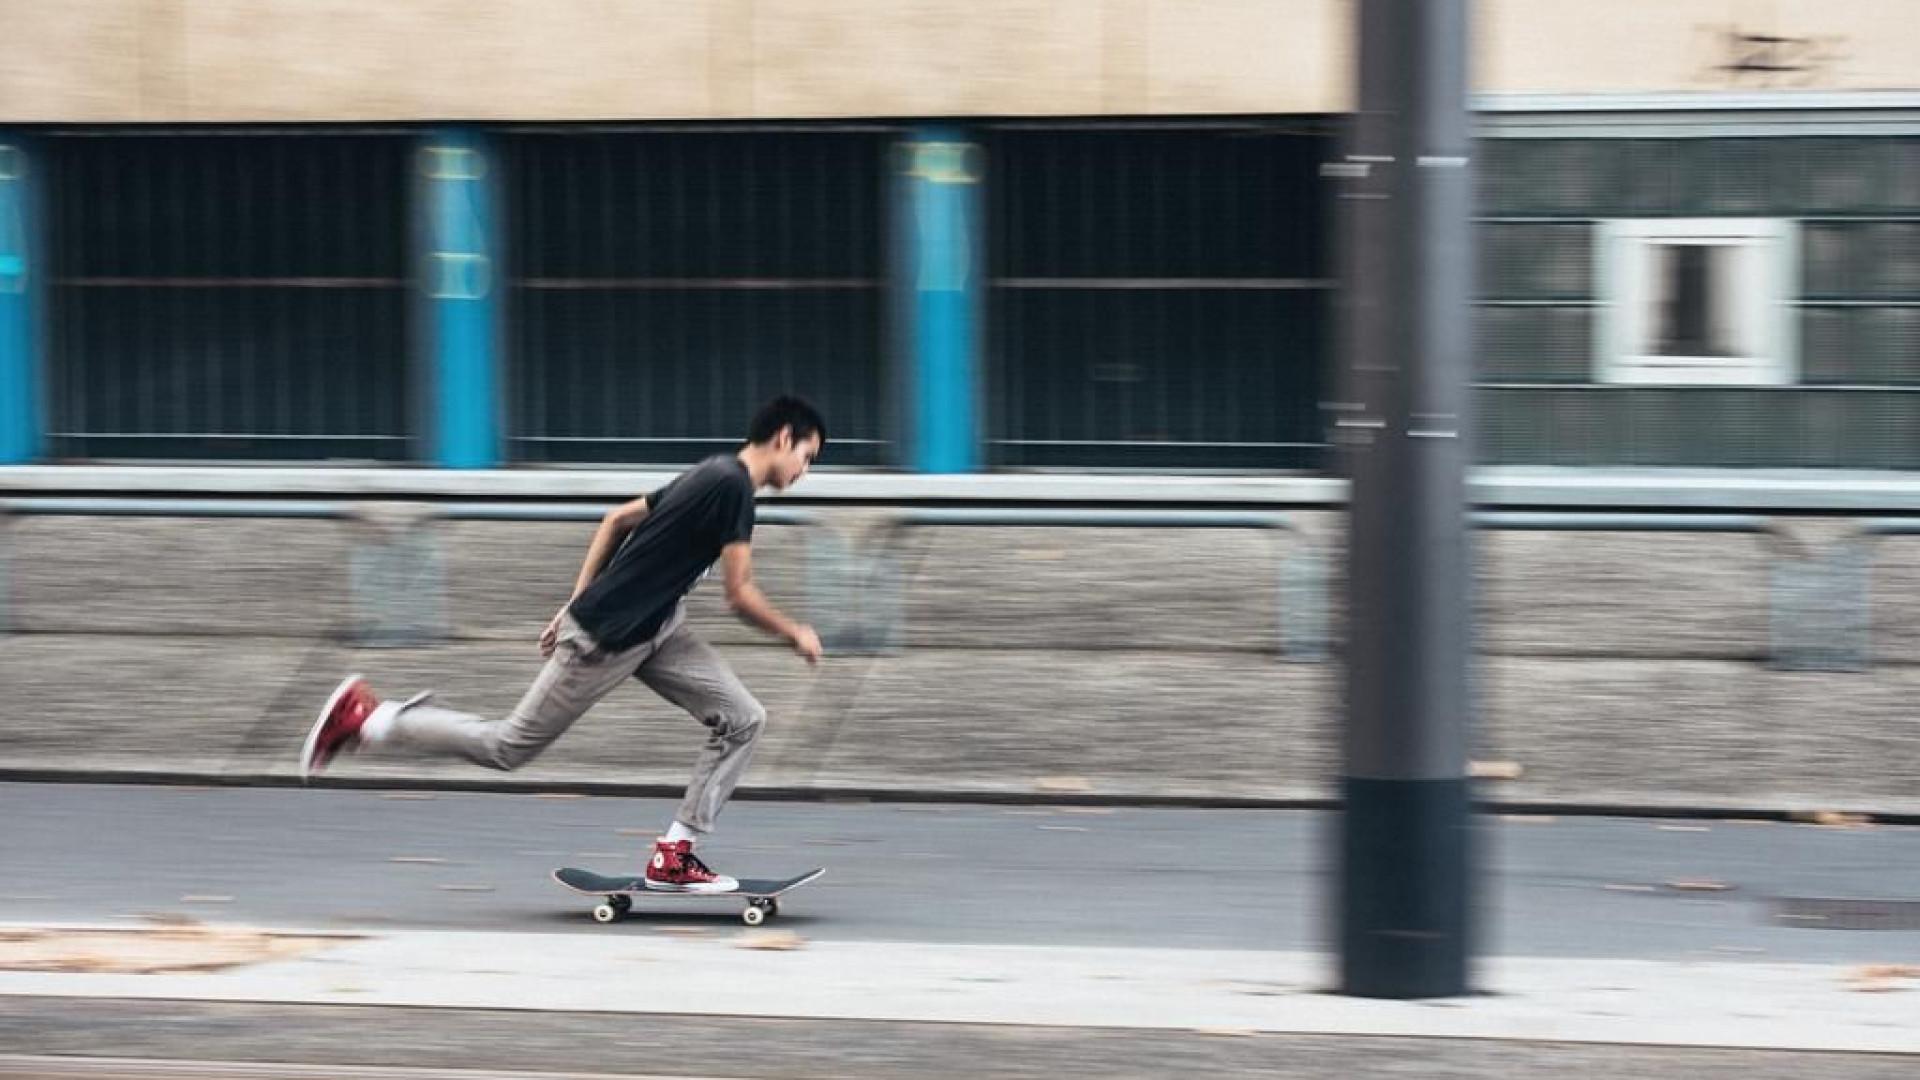 Converse CONS x Sean Pablo juntos no skate